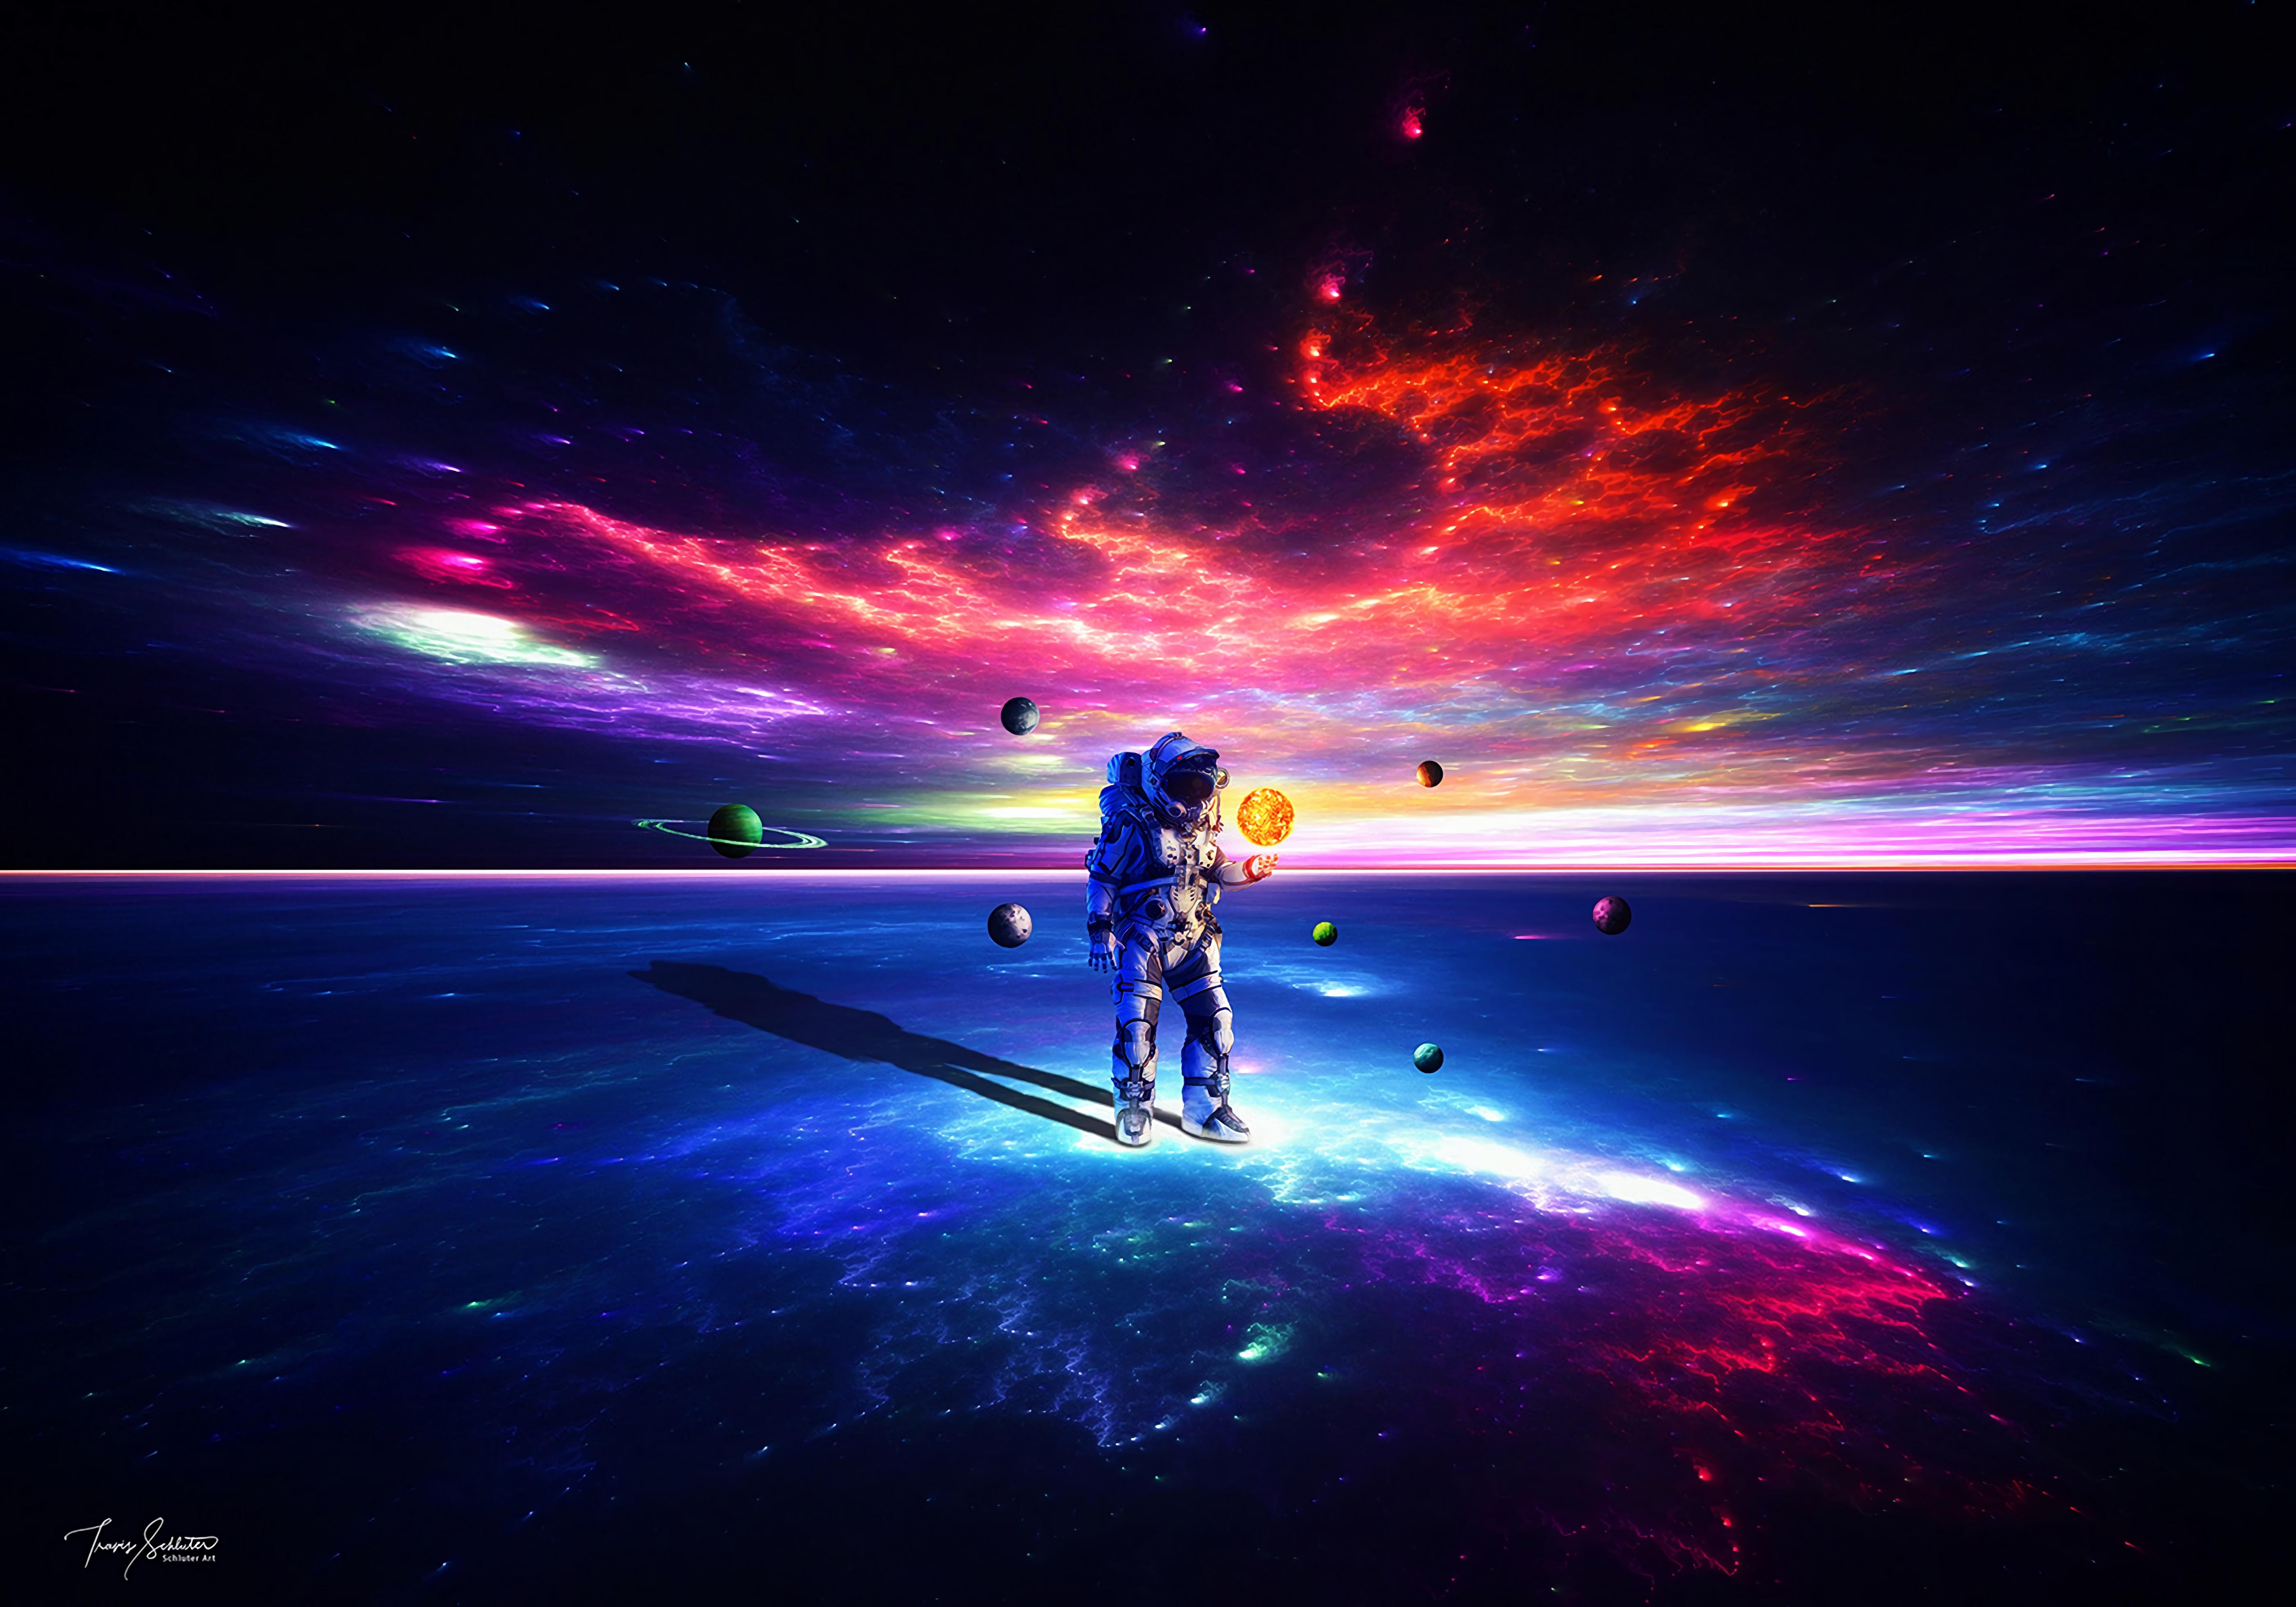 60488 скачать обои Разноцветный, Планеты, Космос, Космонавт, Скафандр, Астронавт - заставки и картинки бесплатно